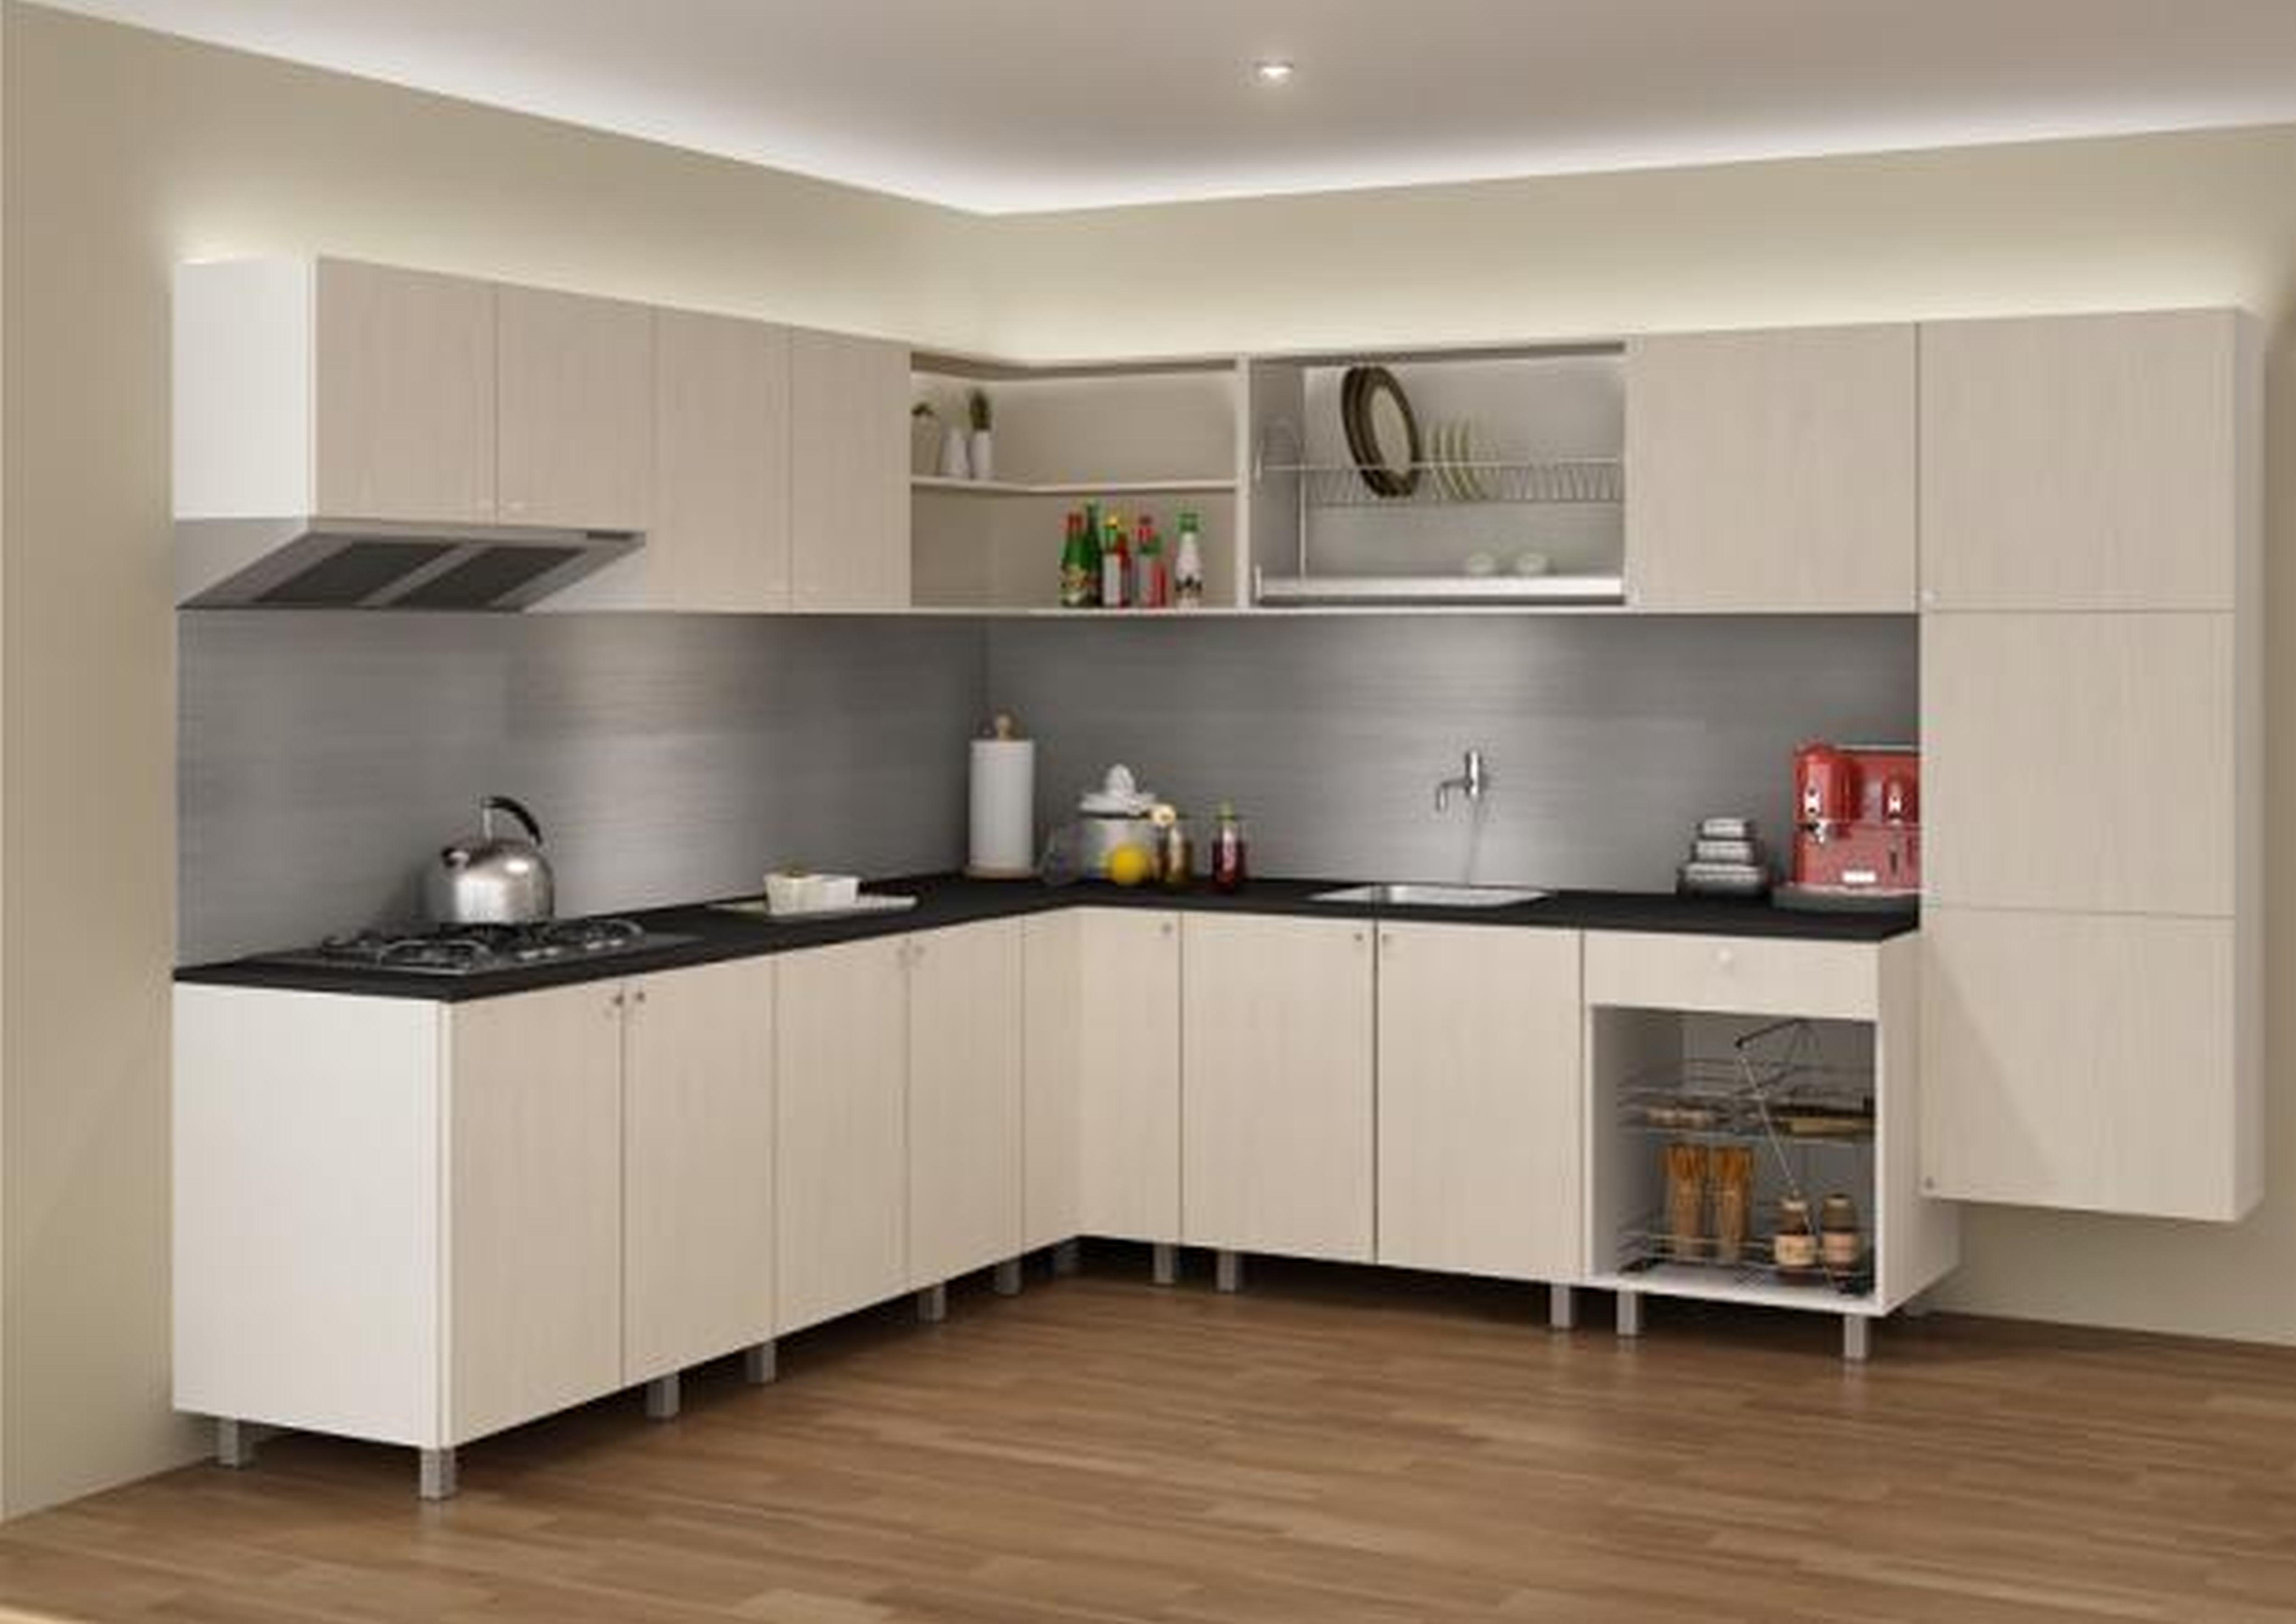 Innenarchitektur für küchenschrank küche kabinett hardware sacramento ca  bevor sie kaufen cabinet